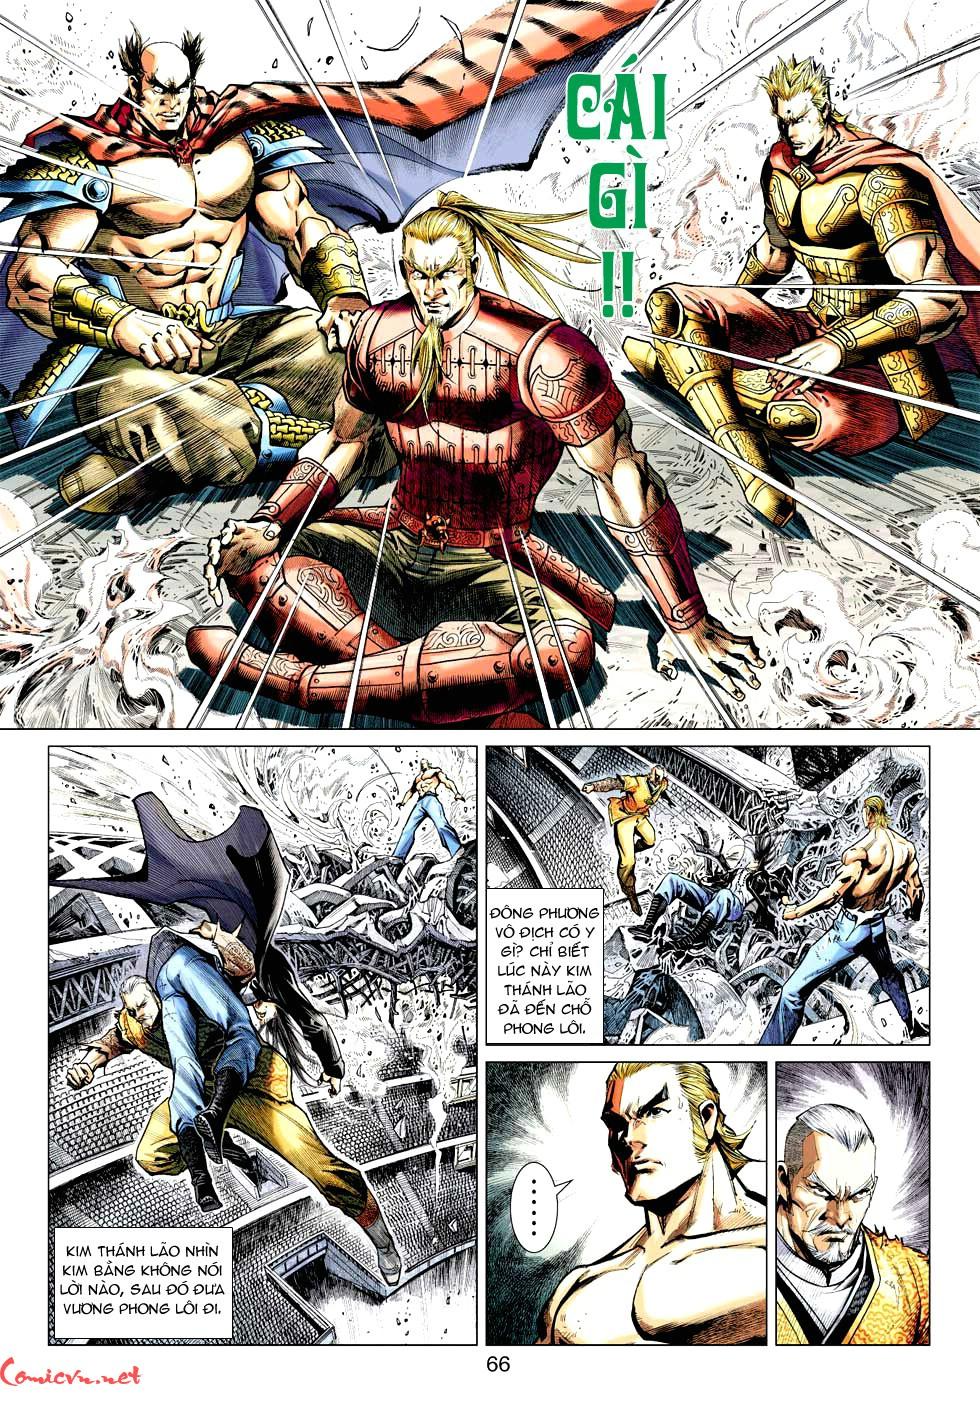 Vương Phong Lôi 1 chap 35 - Trang 23